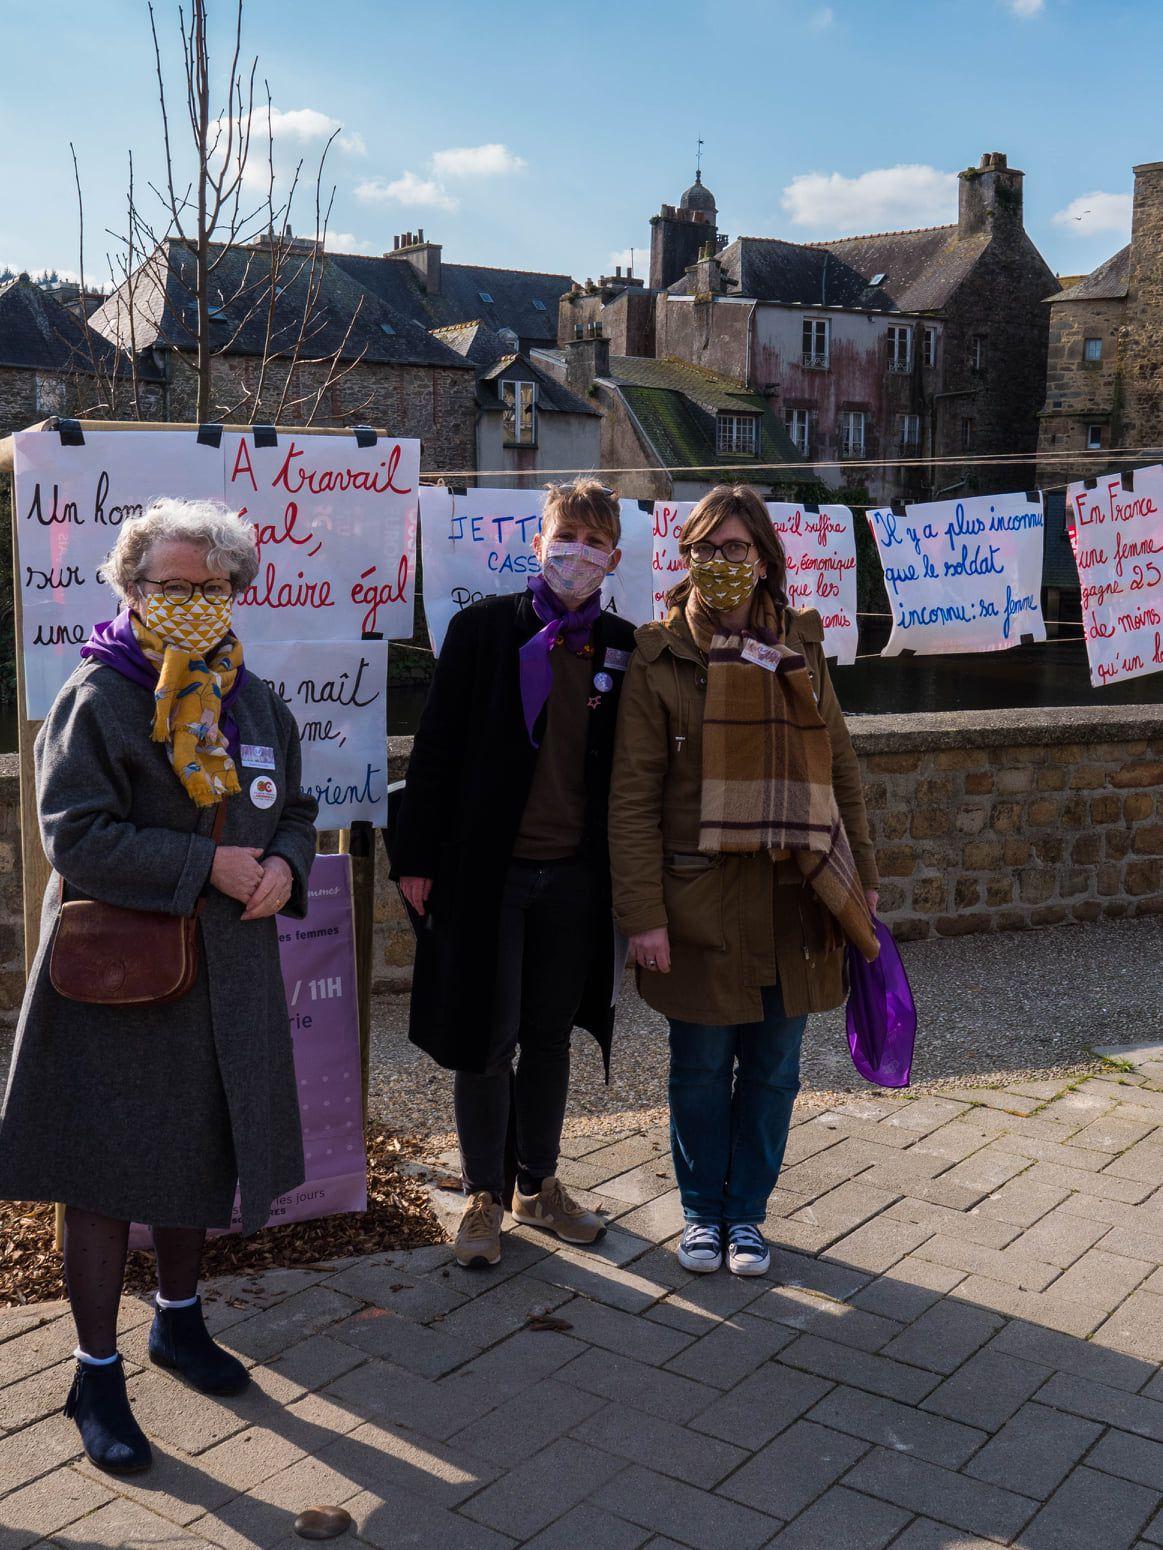 Manifestation pour les droits des femmes - Prise de parole de Gladys Grelaud – samedi 6 mars 2021 à Landerneau